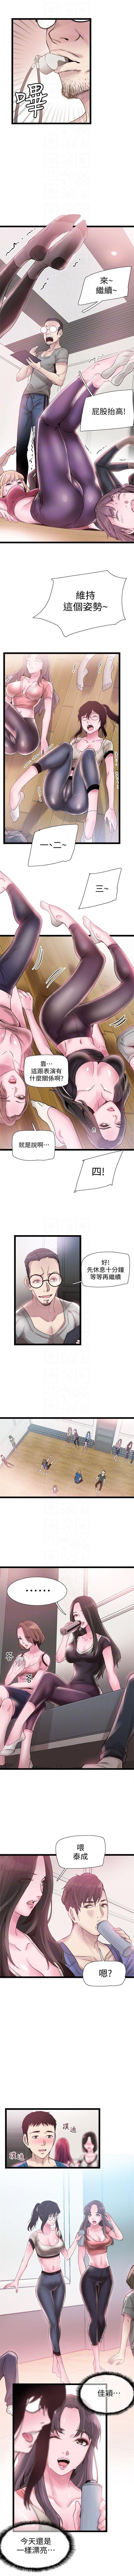 (週7)校園live秀 1-50 中文翻譯(更新中) 73